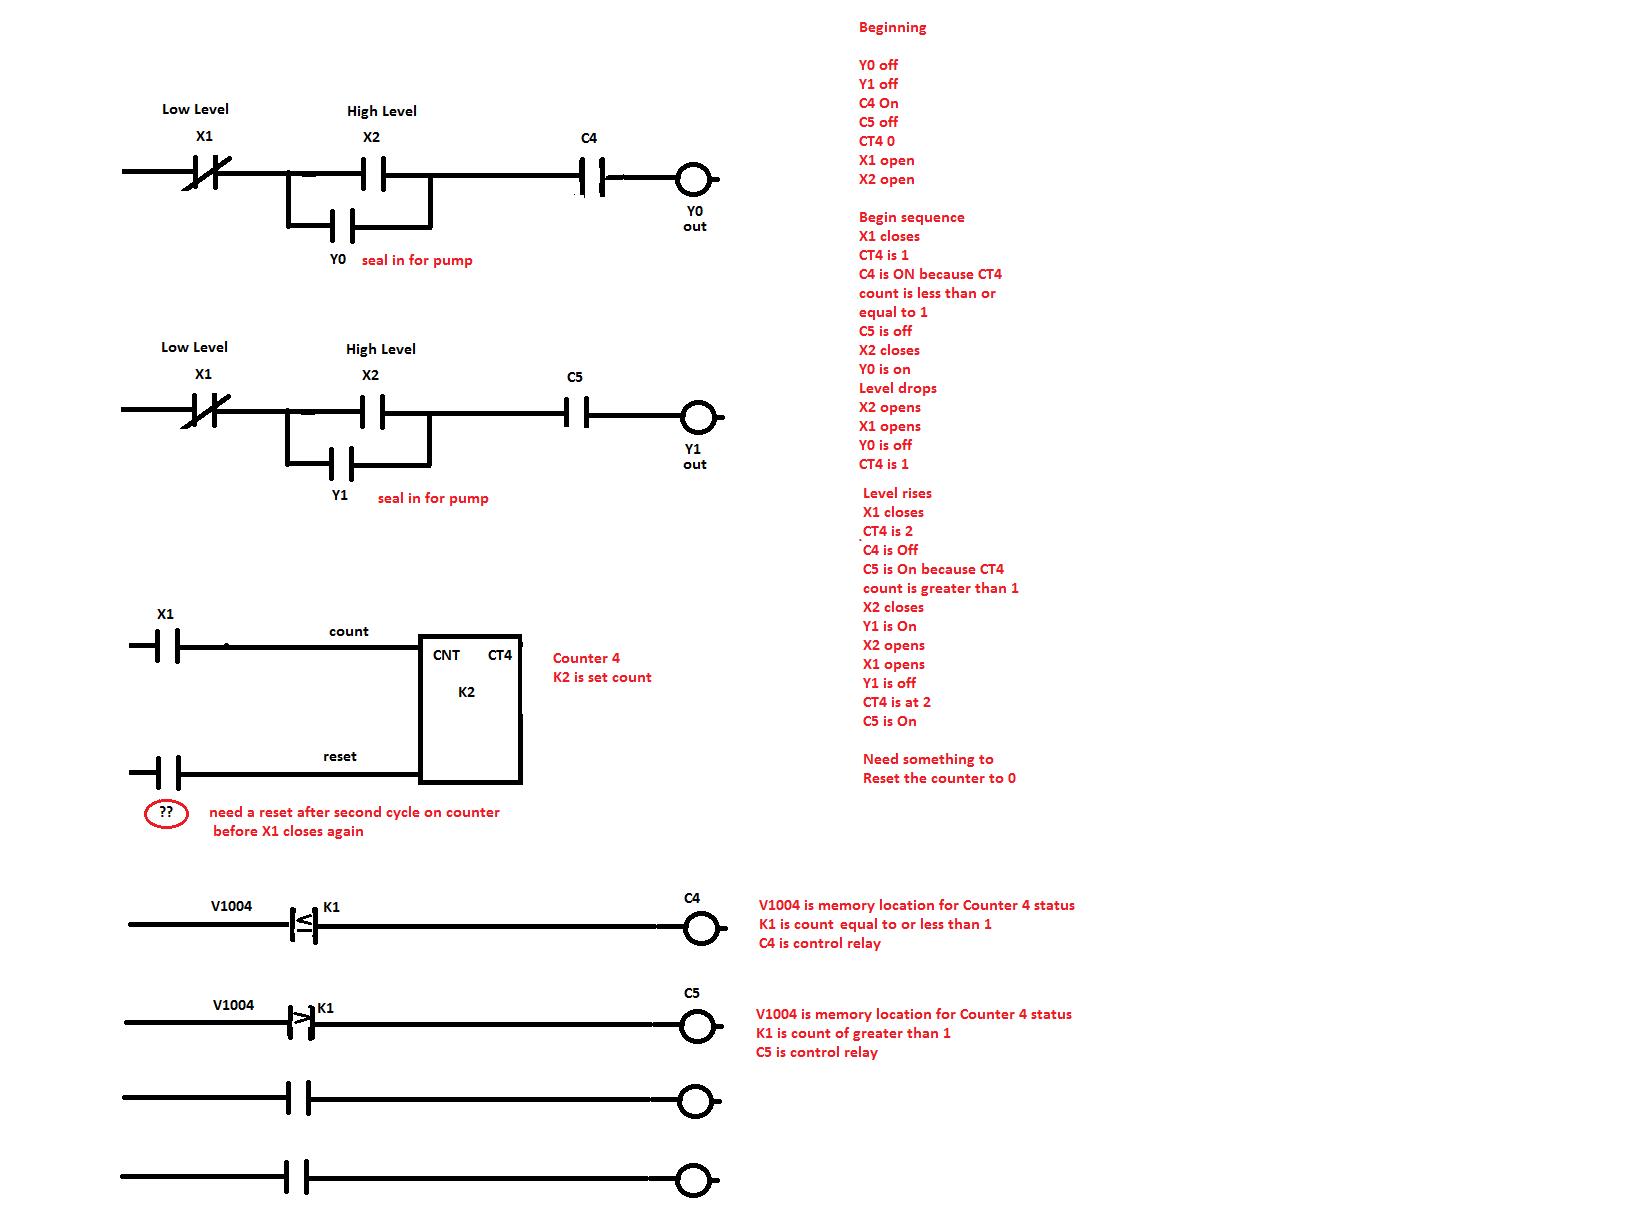 b6232948-36e1-4fac-85d1-895e093fae18_ALTERNATOR PLC.png